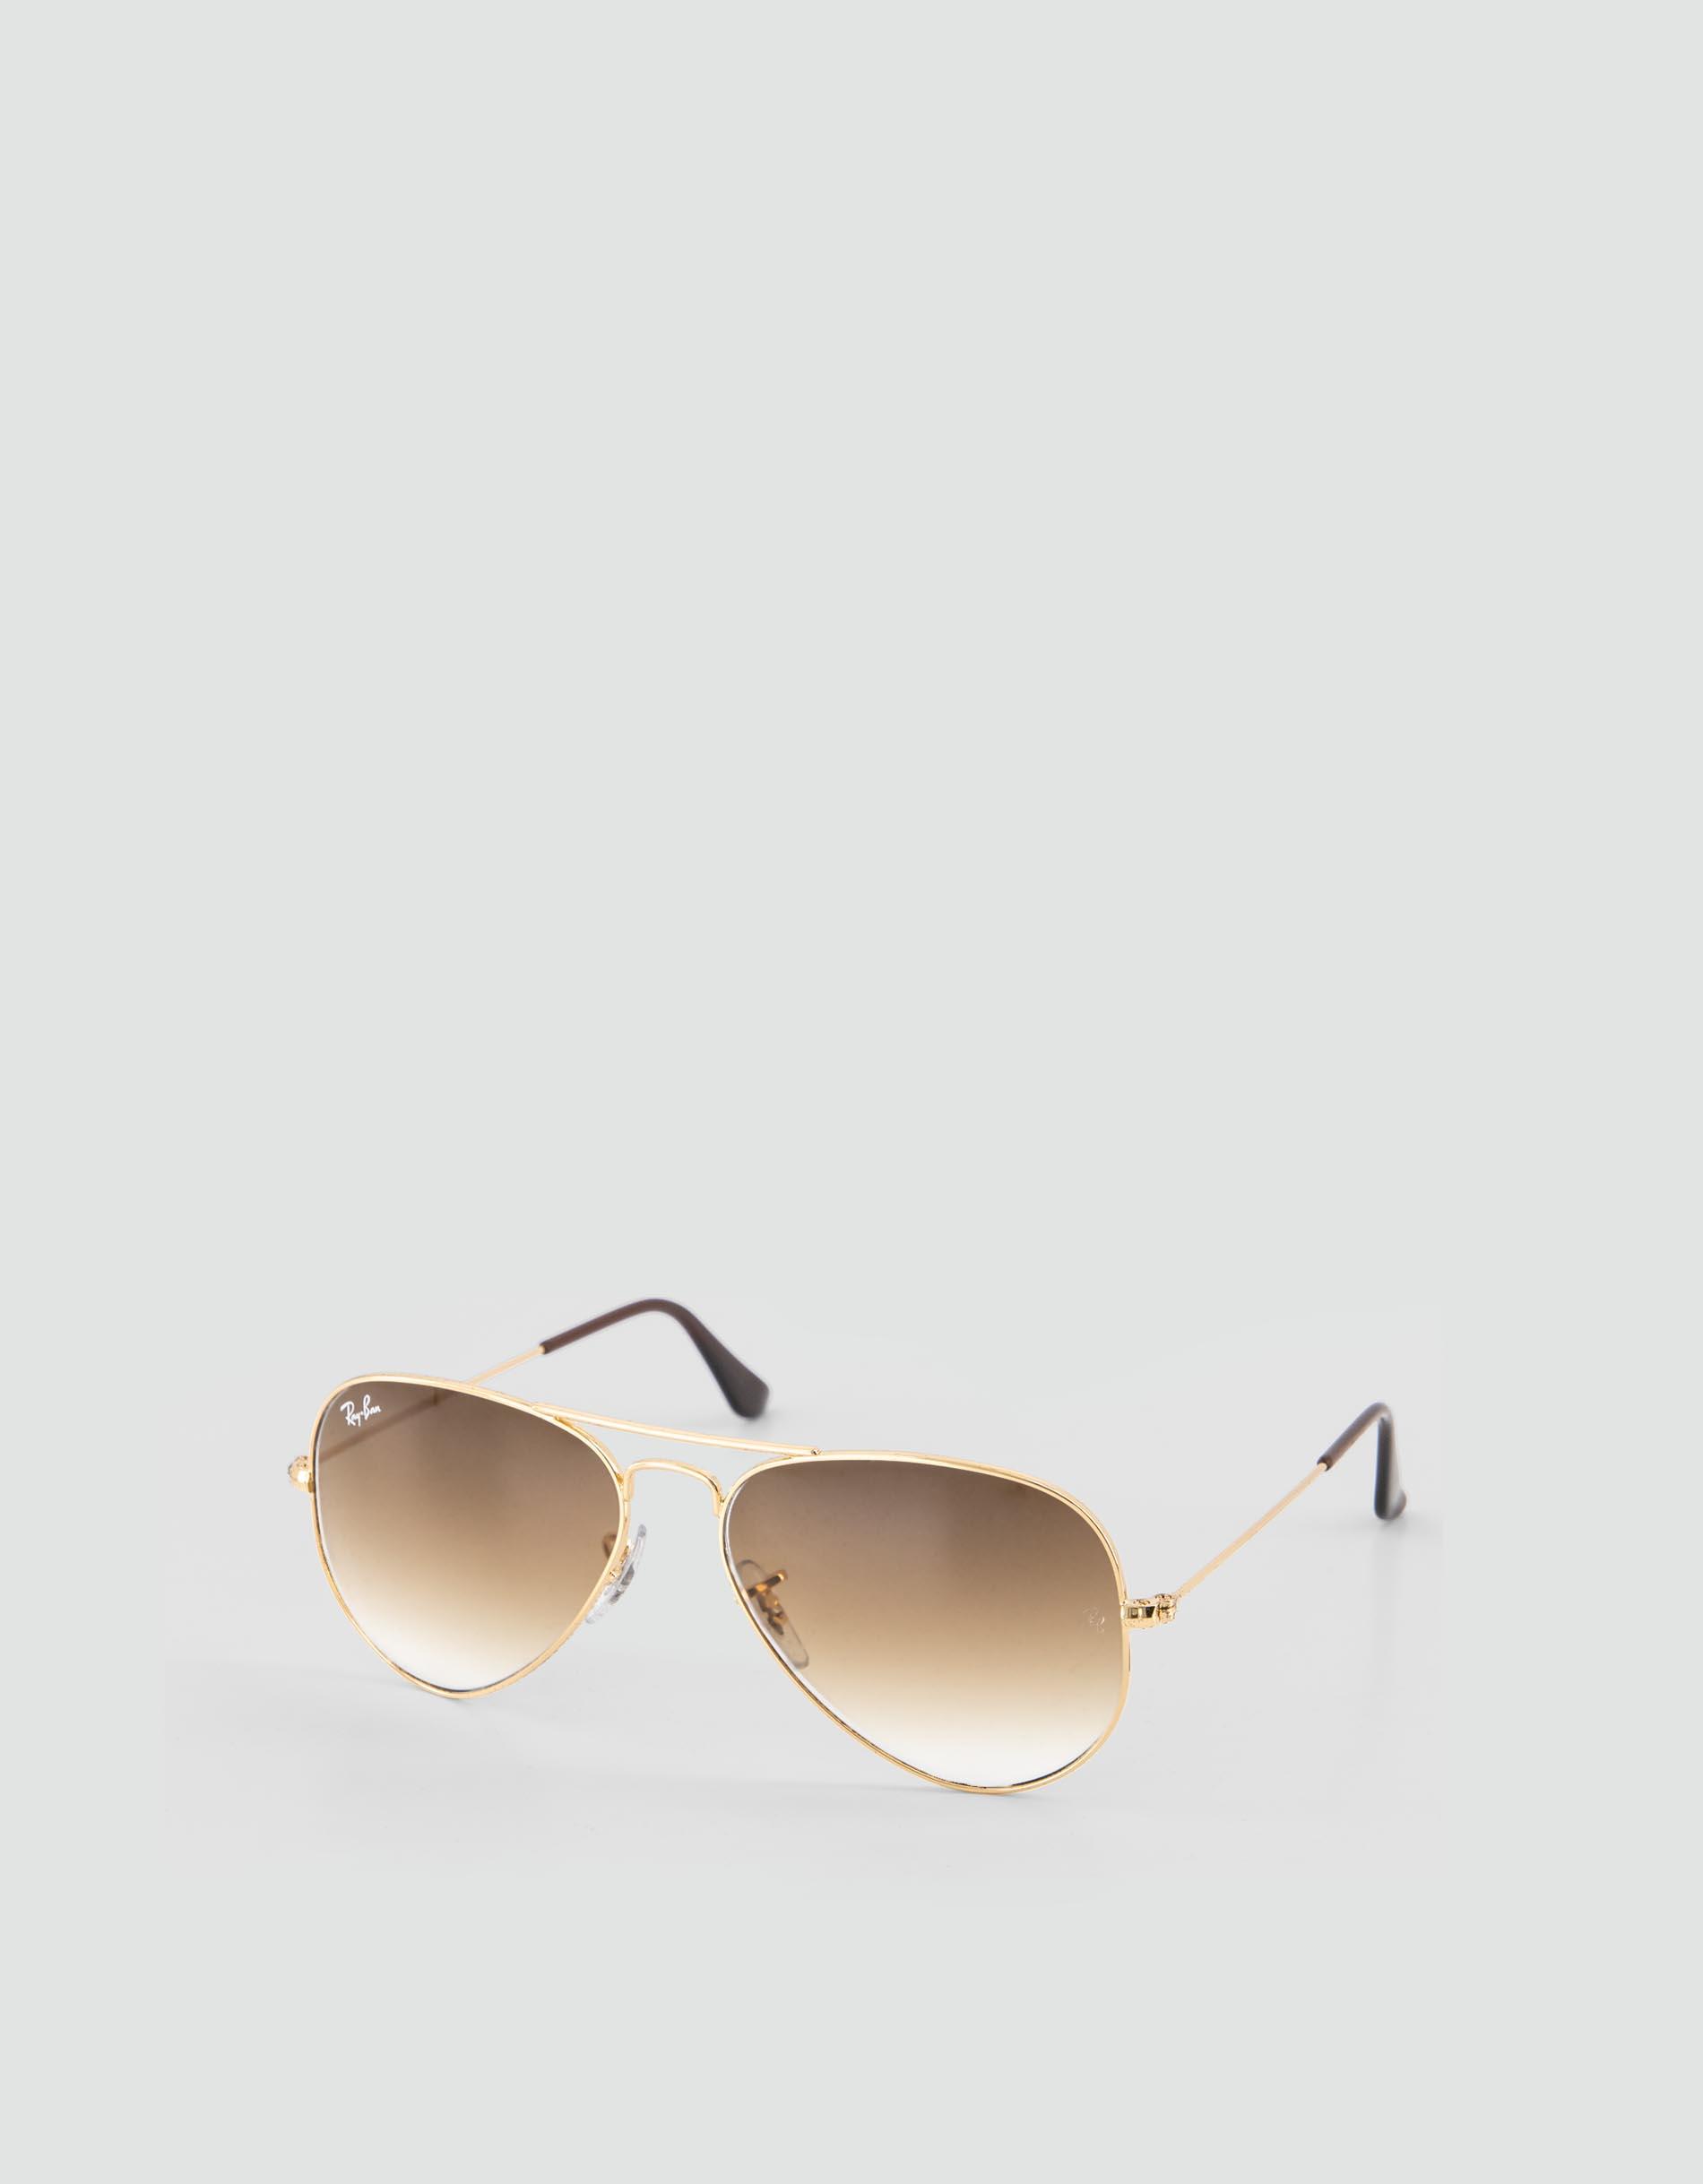 ray ban damen brille sonnen aviator empfohlen von deinen. Black Bedroom Furniture Sets. Home Design Ideas